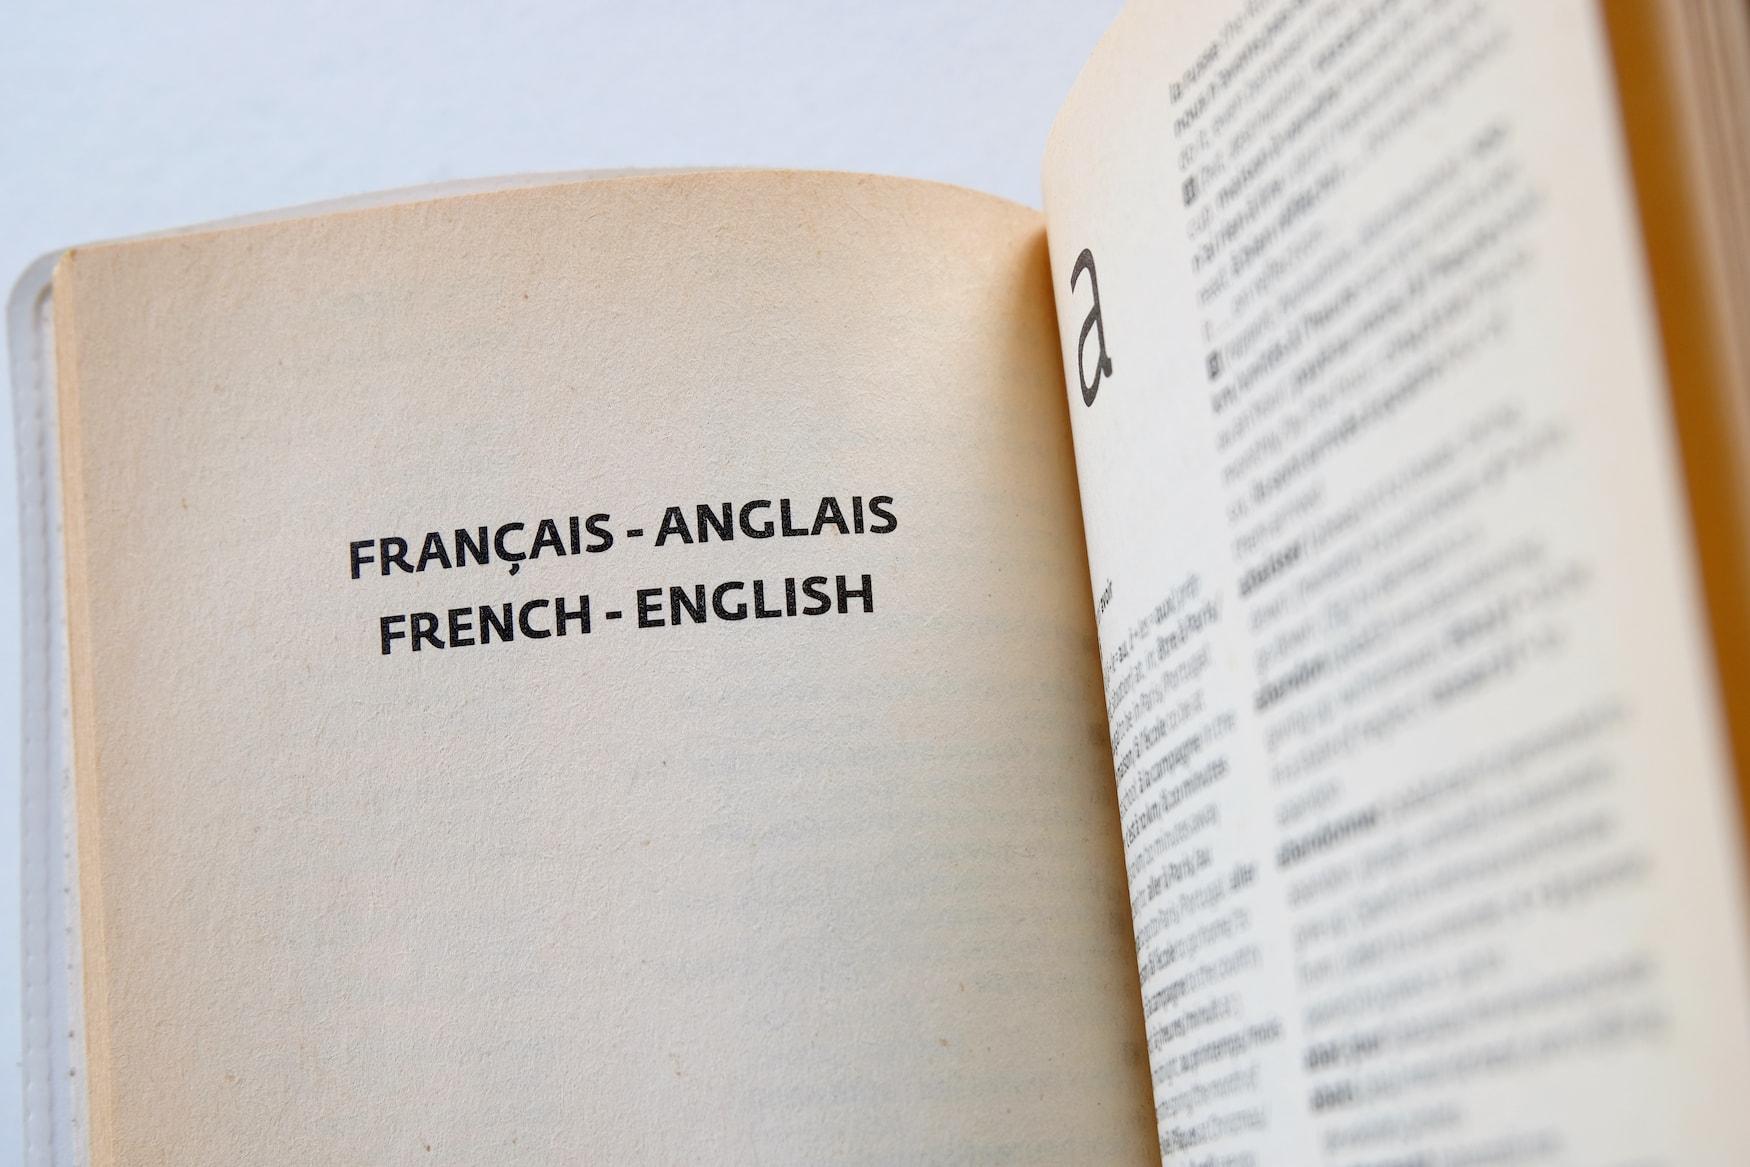 Seiten eines französisch-englischen Wörterbuchs